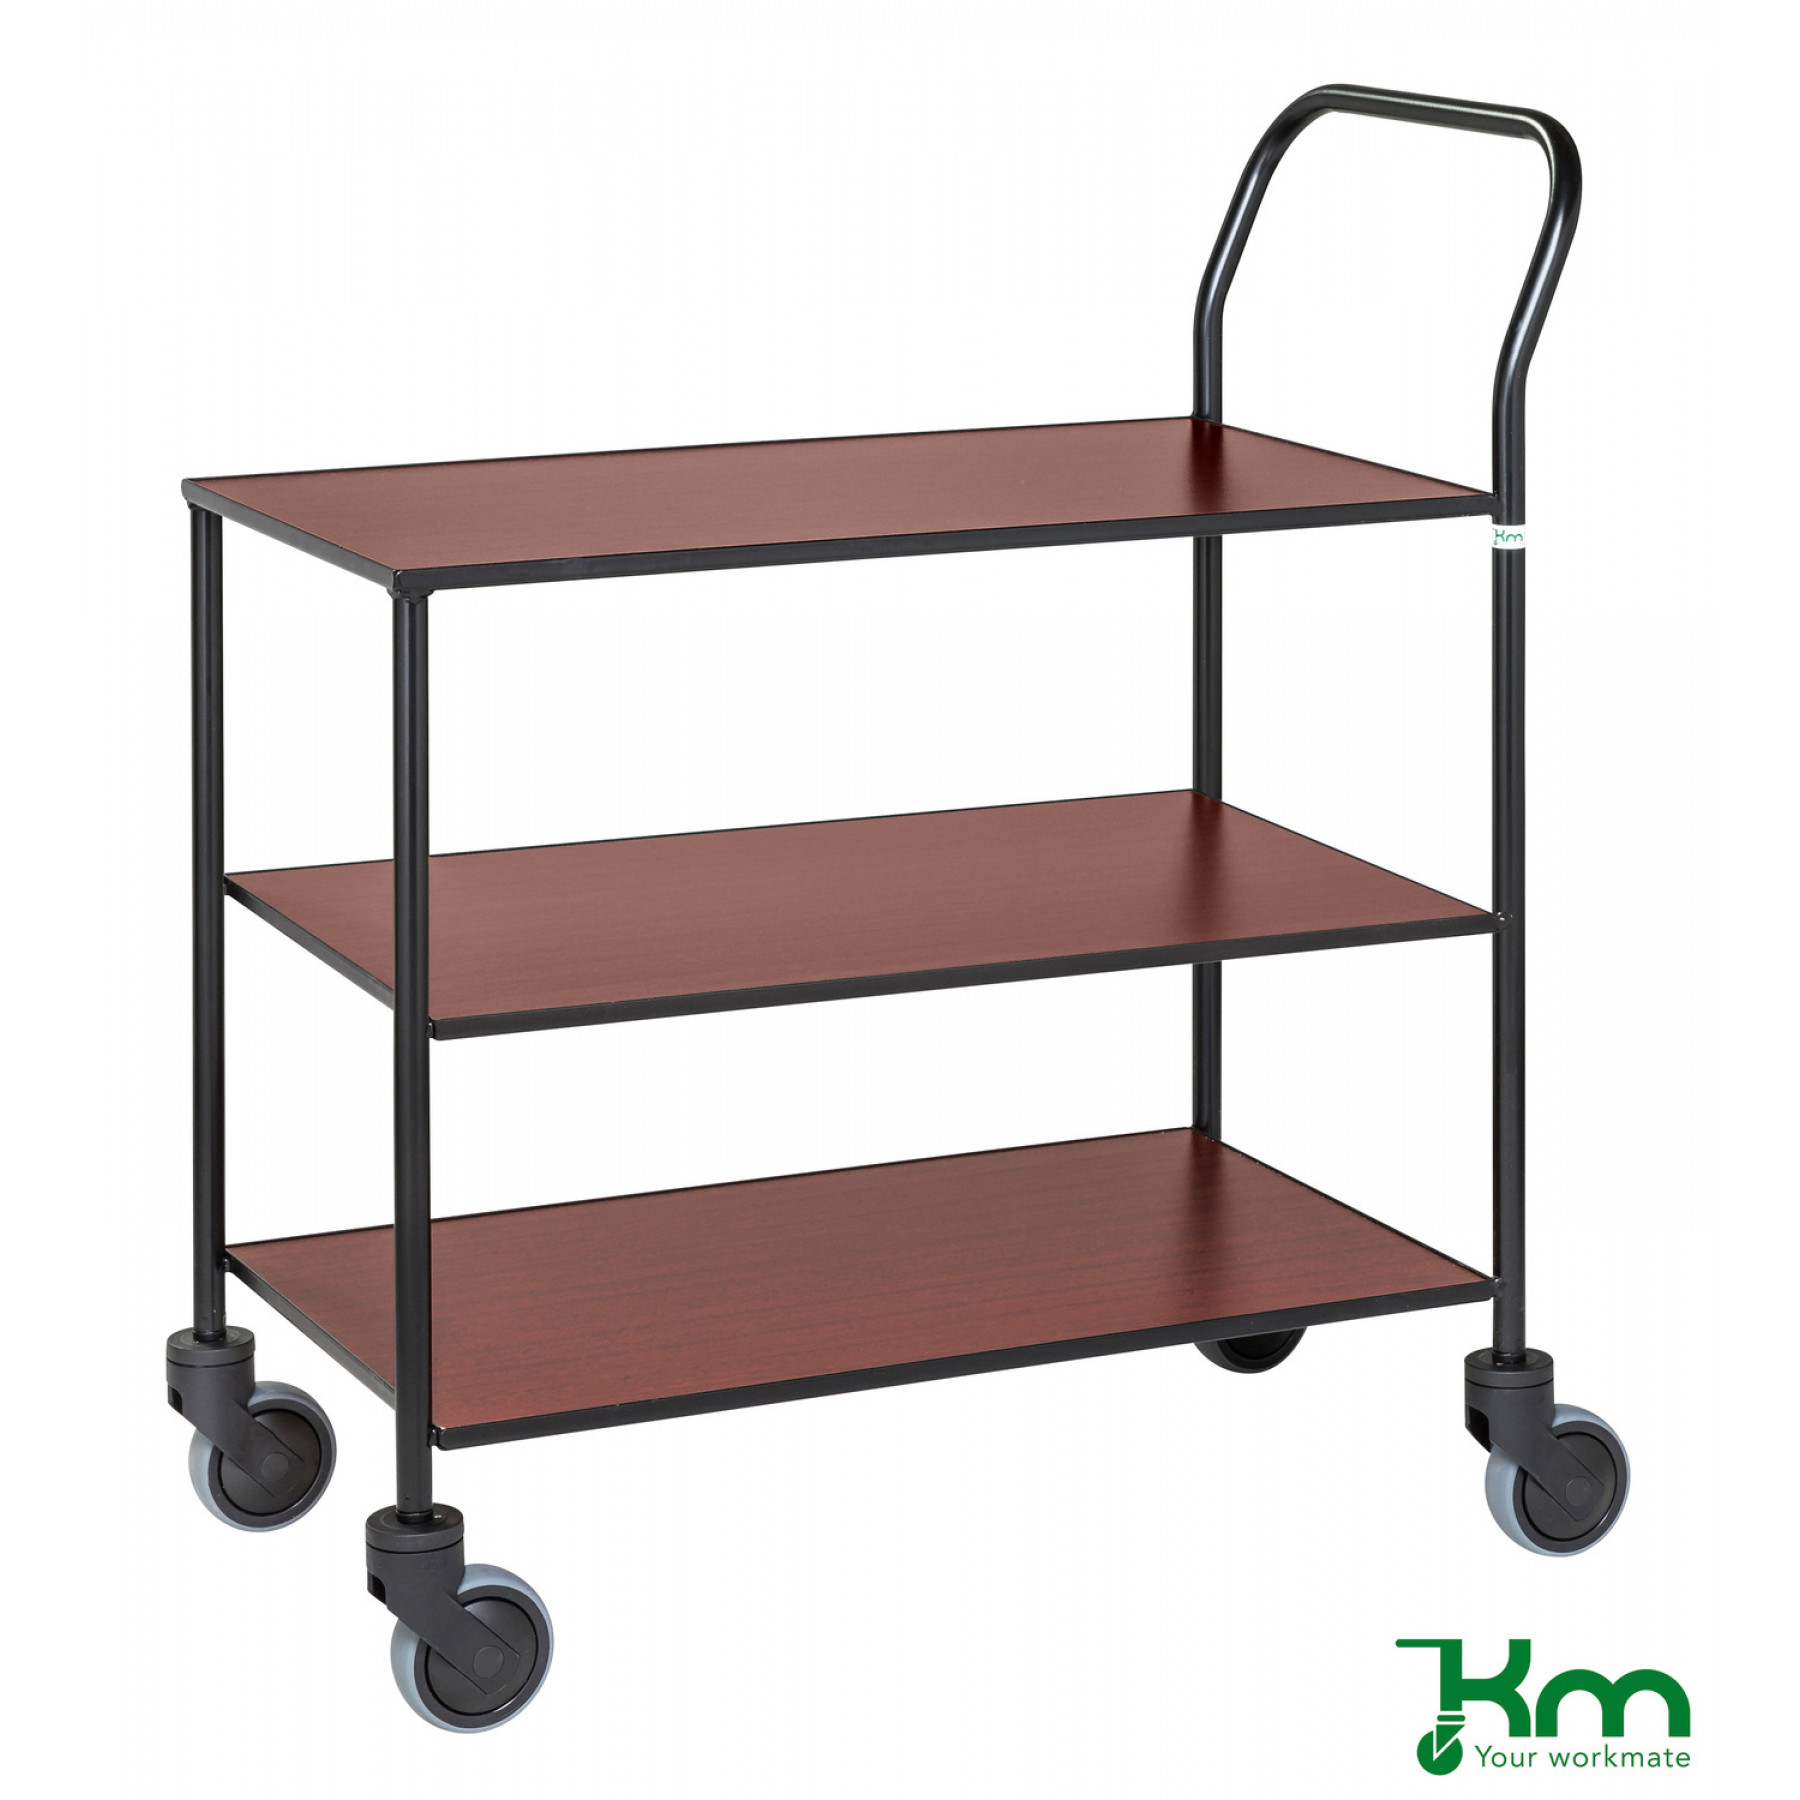 Design tafelwagen met mahoniestructuur toplaag, KM 873-MA